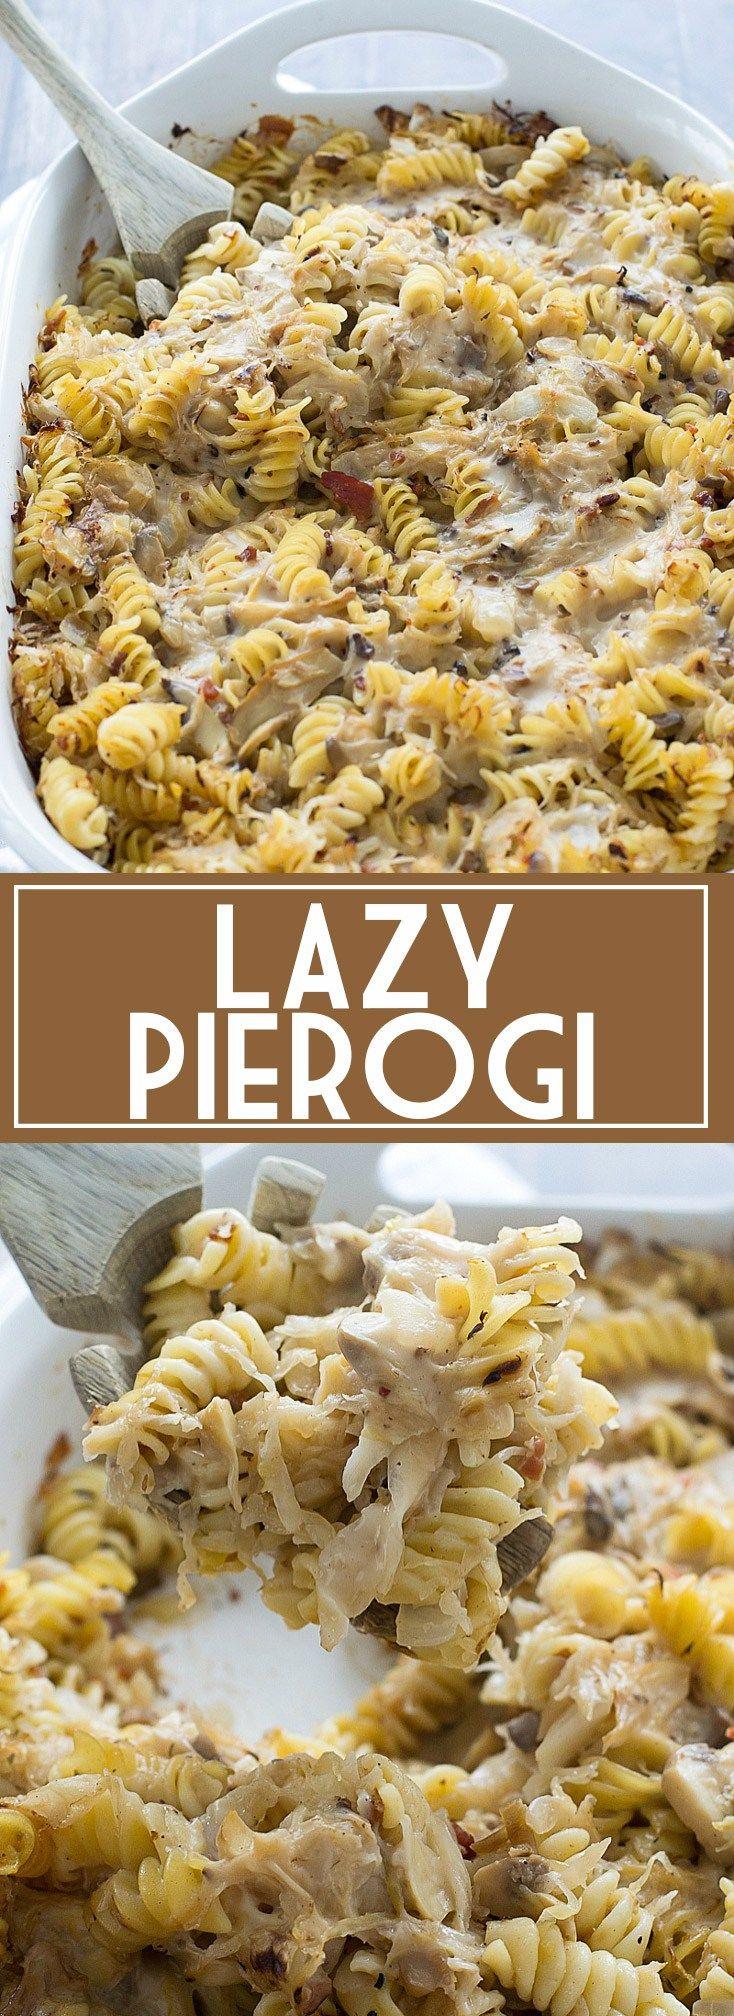 Mom's Lazy Pierogi